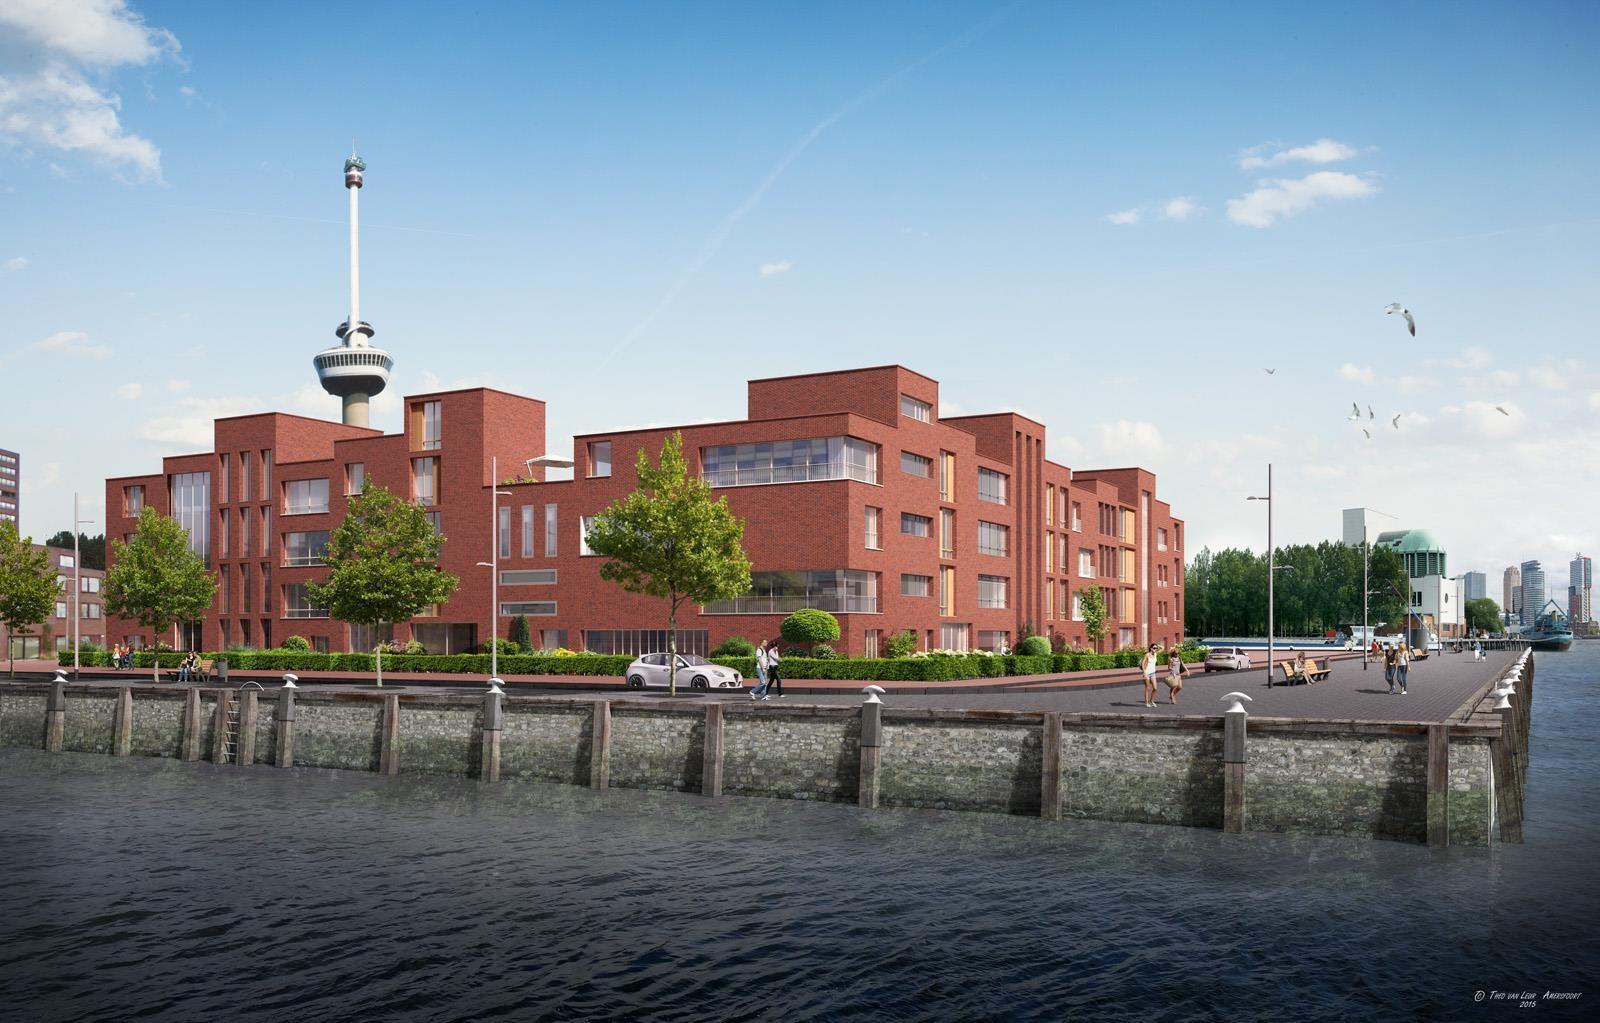 BKT_HOYT_BOKKERS_VAN_DER_VEEN_Rotterdam_CPO_blauwhoed_AM_Mullerpier_aanbesteding_02.jpg